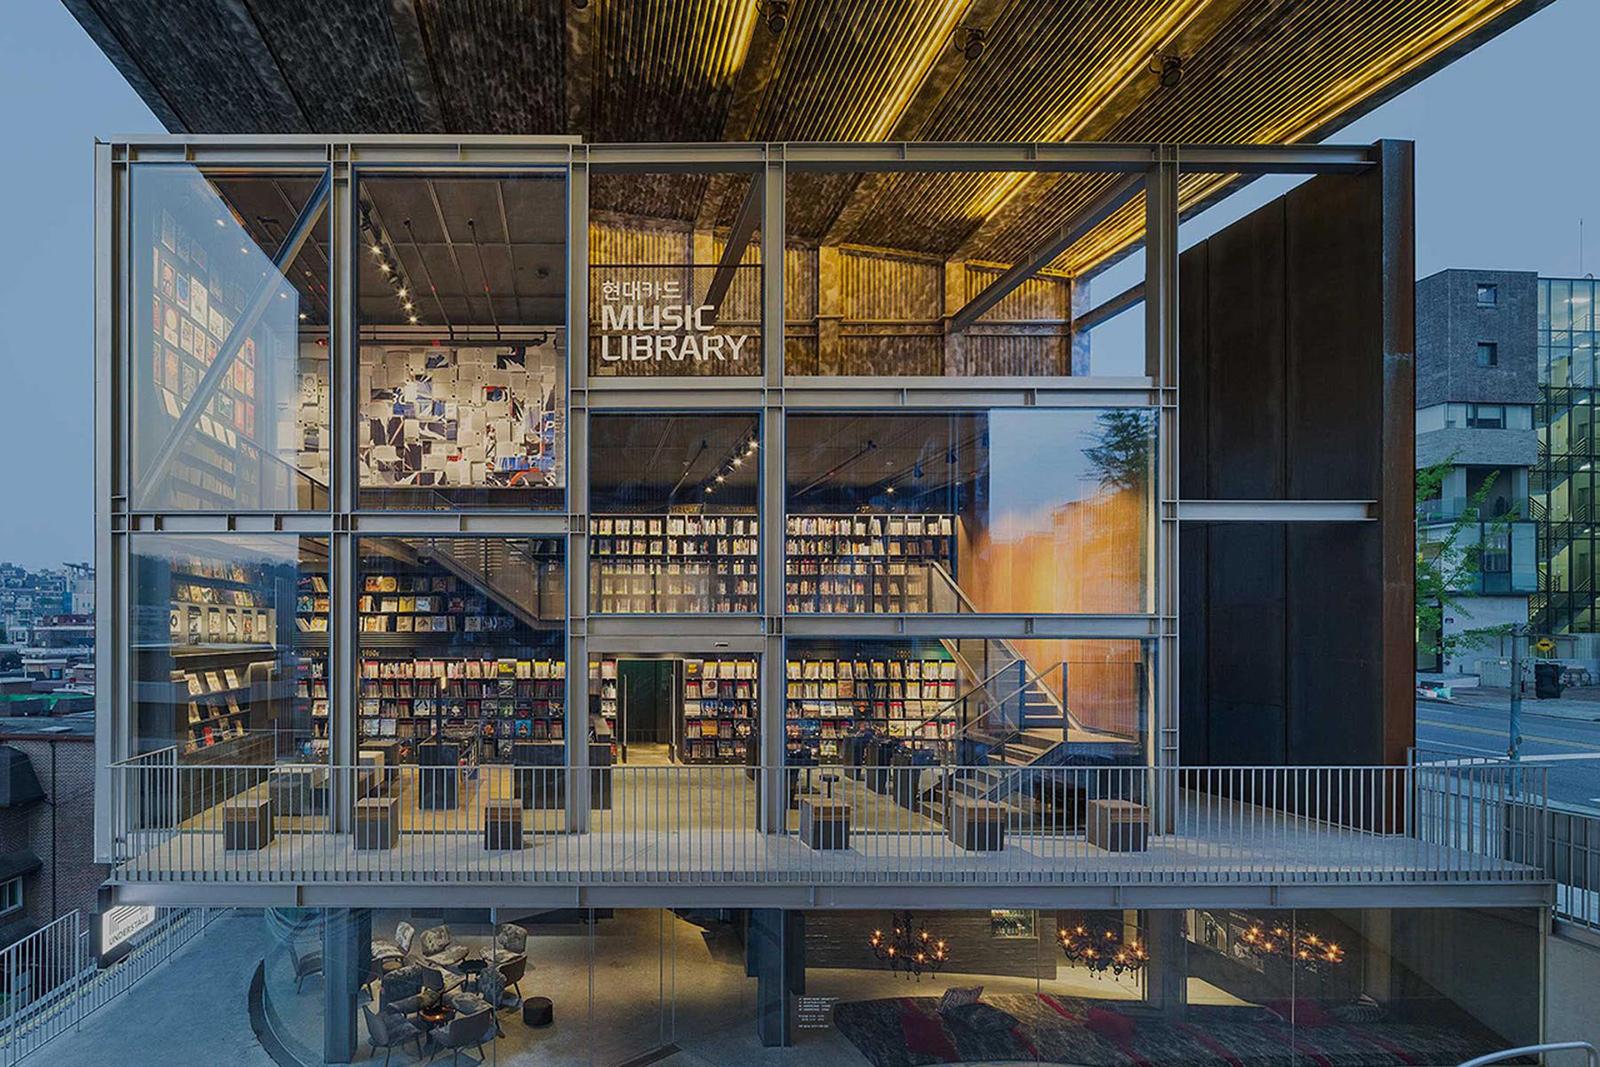 Hyundai Card Music Library